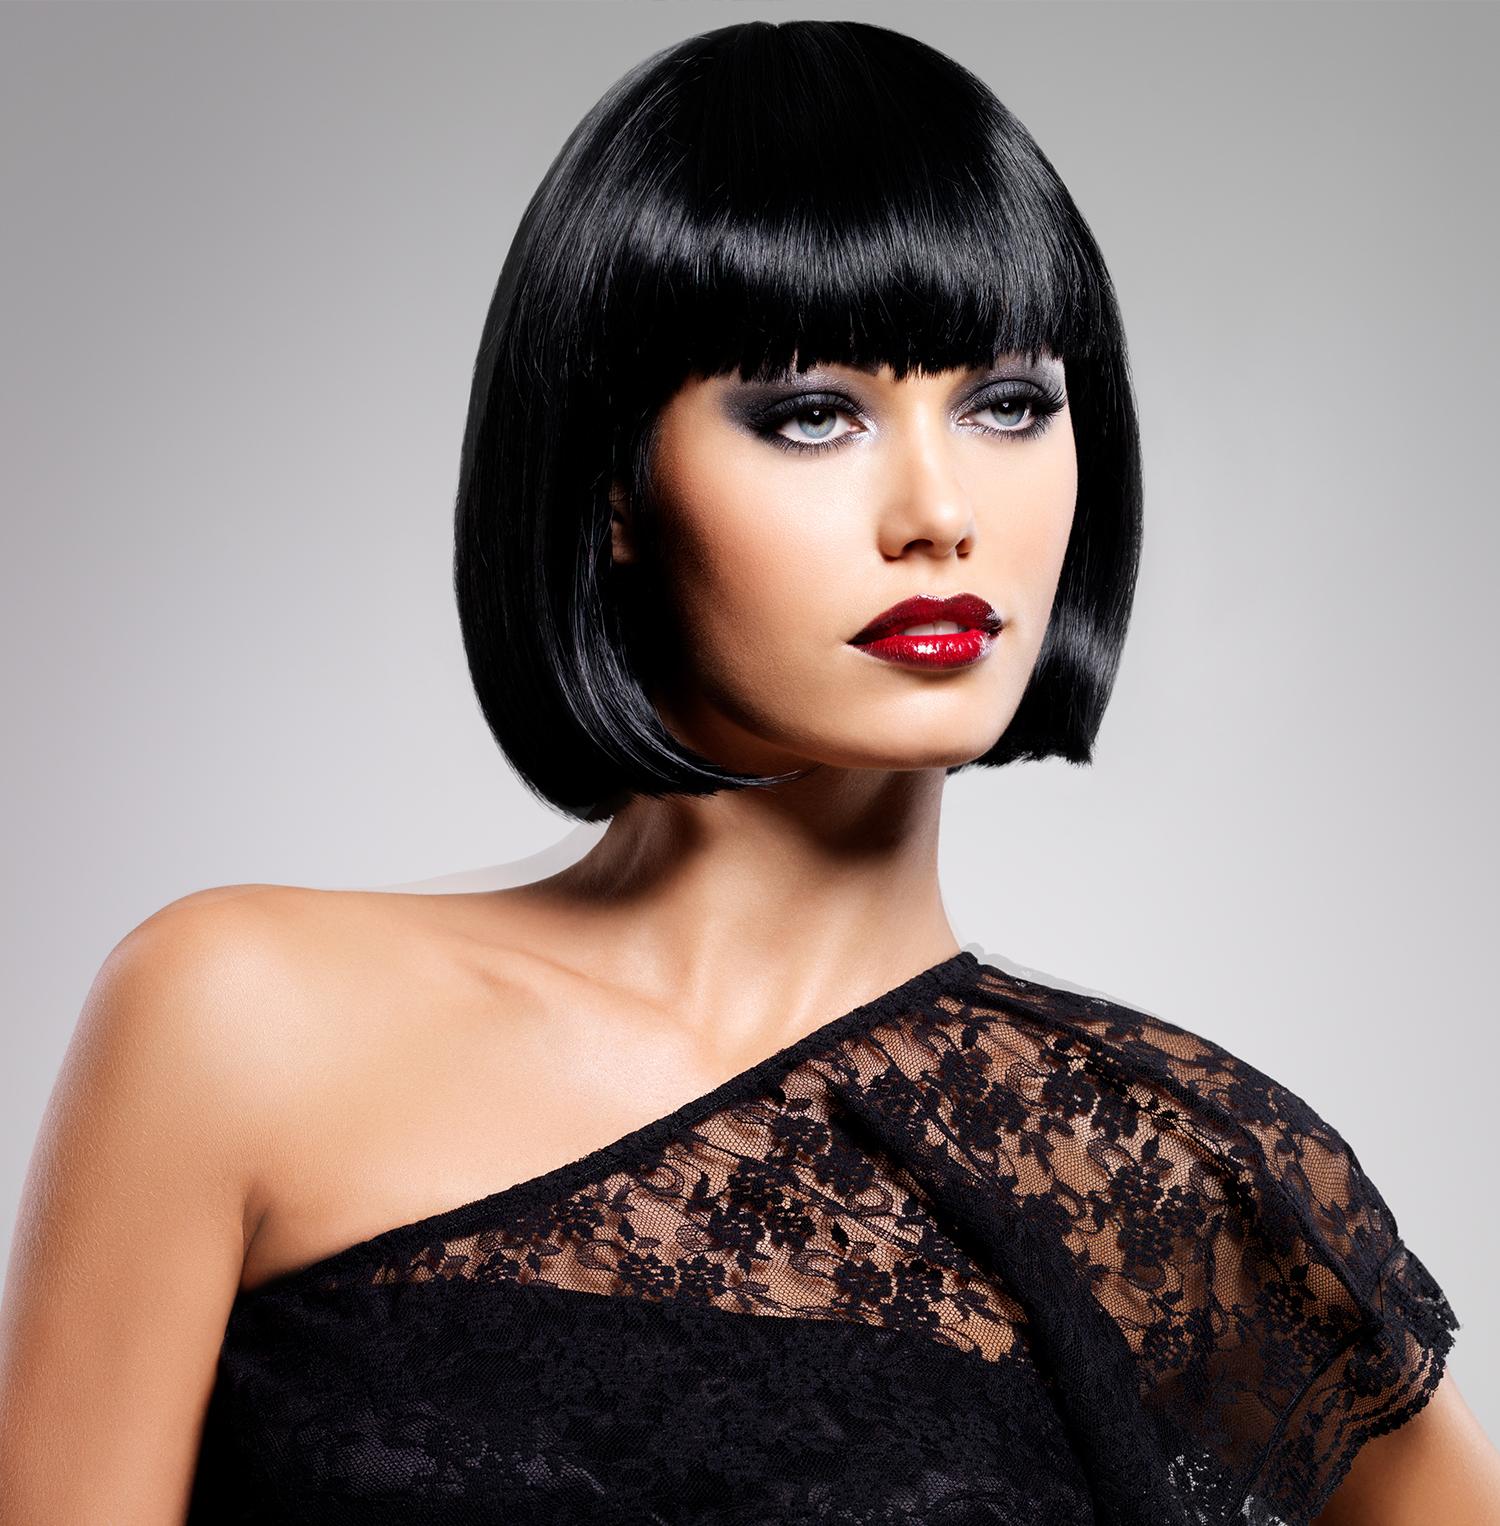 salon de coiffure cosy hair à bruxelles - 1000